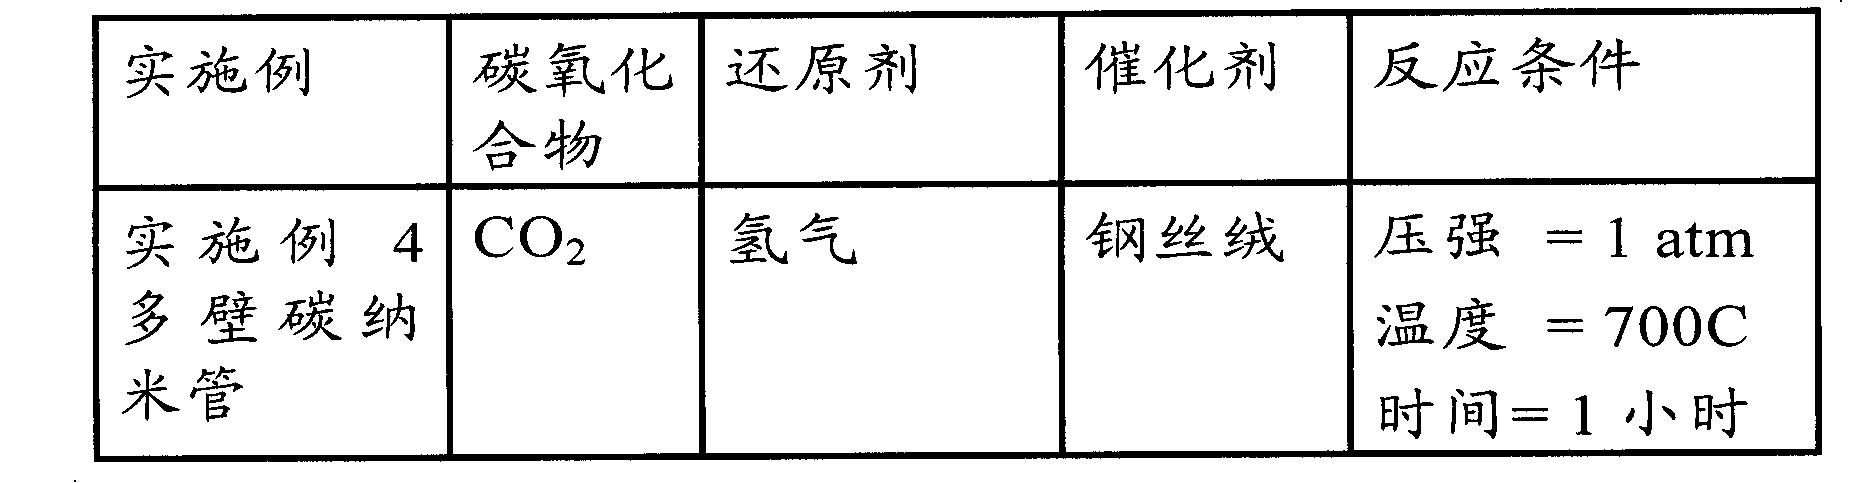 Figure CN102459727BD00251